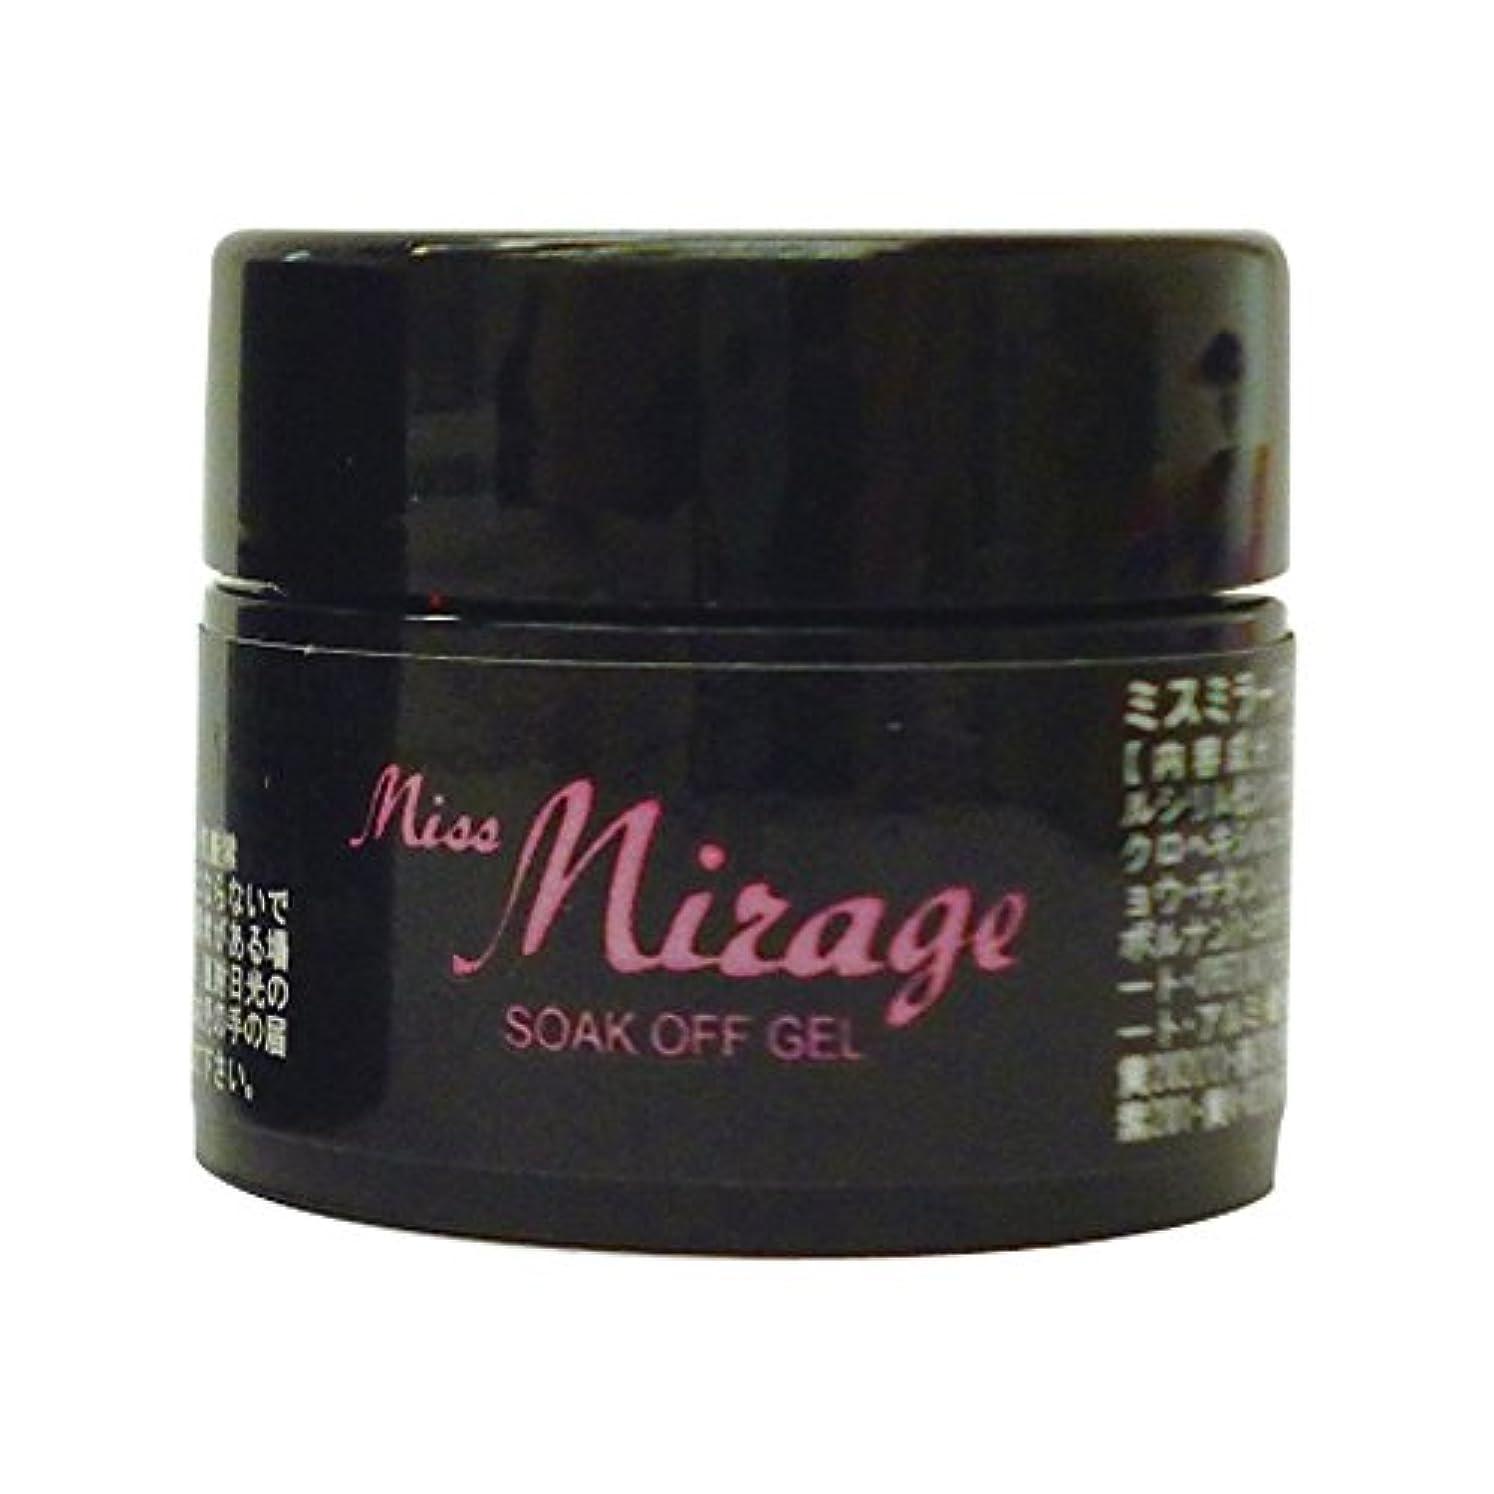 Miss Mirage カラージェル TM38S トゥルーリーミルクティーベージュ 2.5g